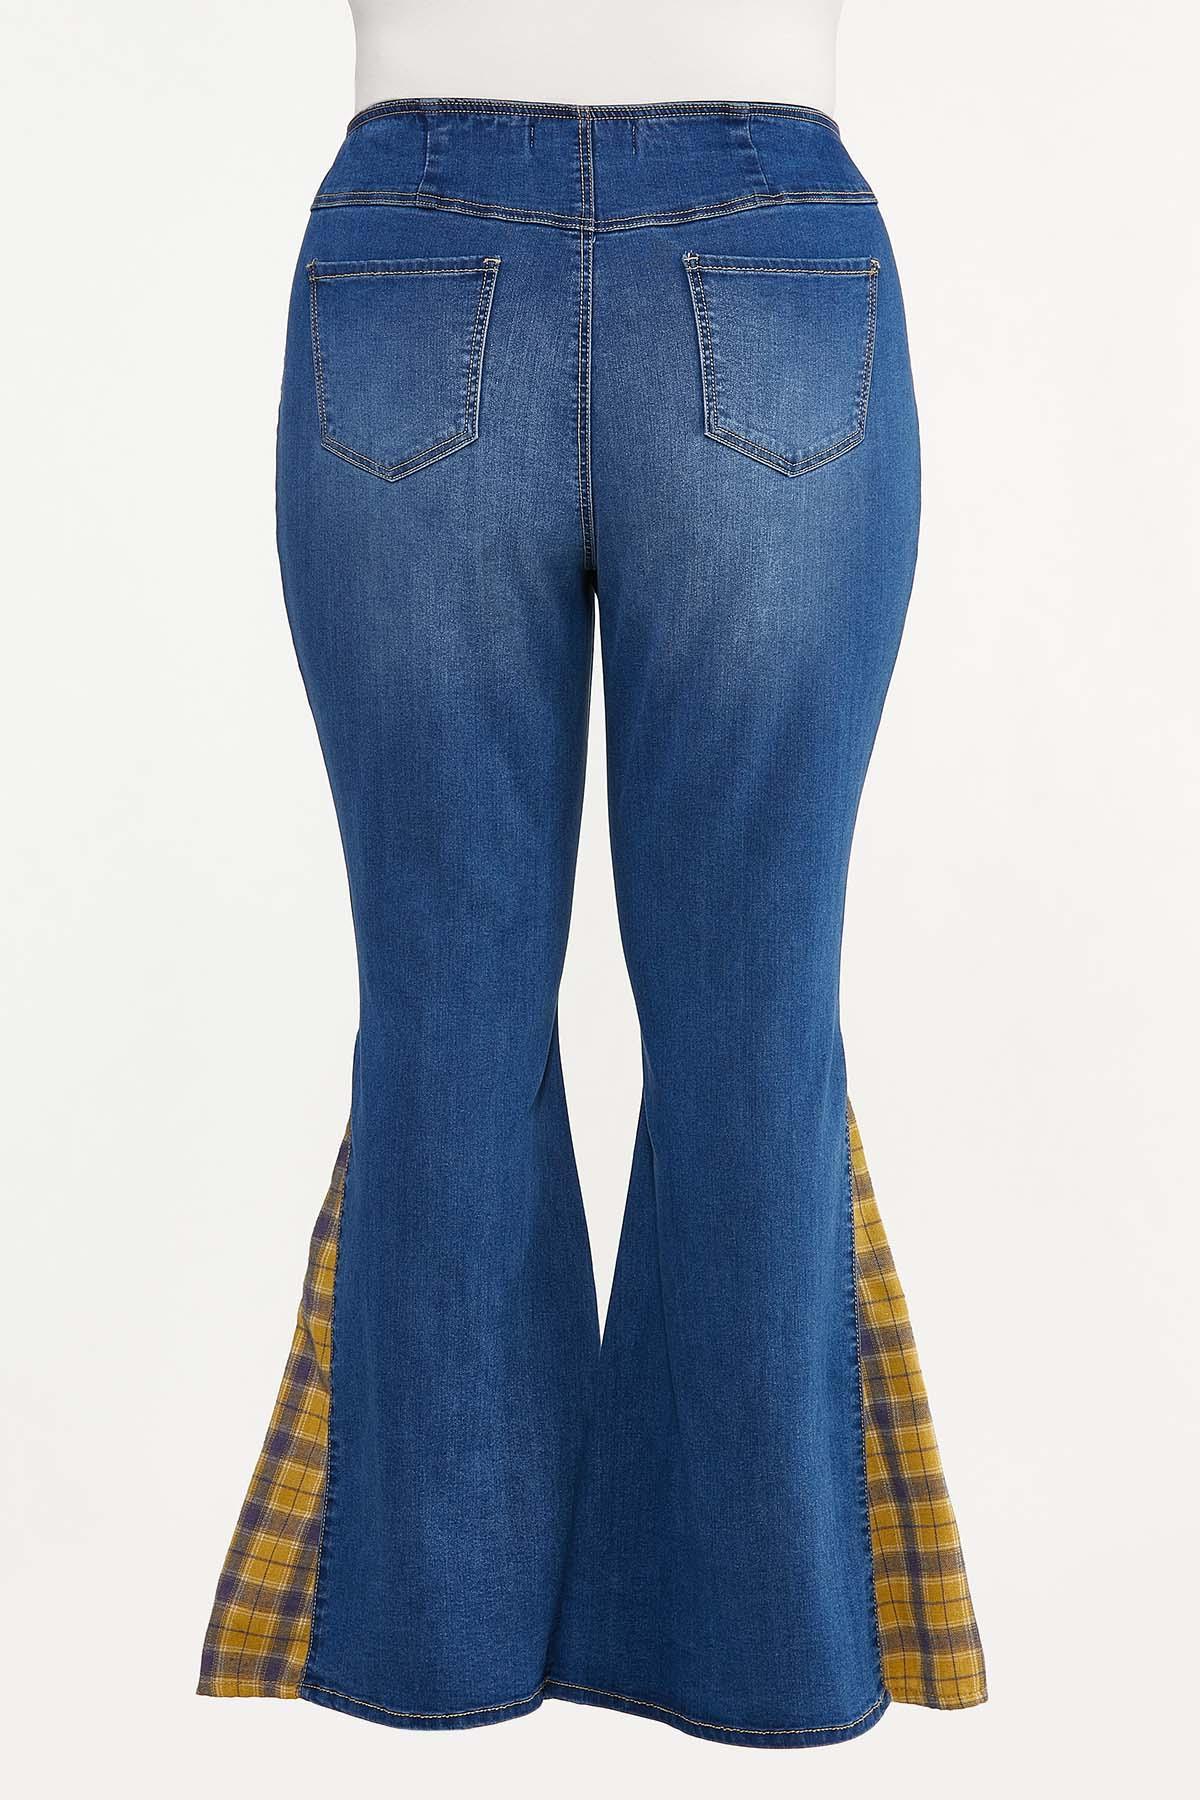 Plus Size Plaid Inset Flare Jeans (Item #44702851)